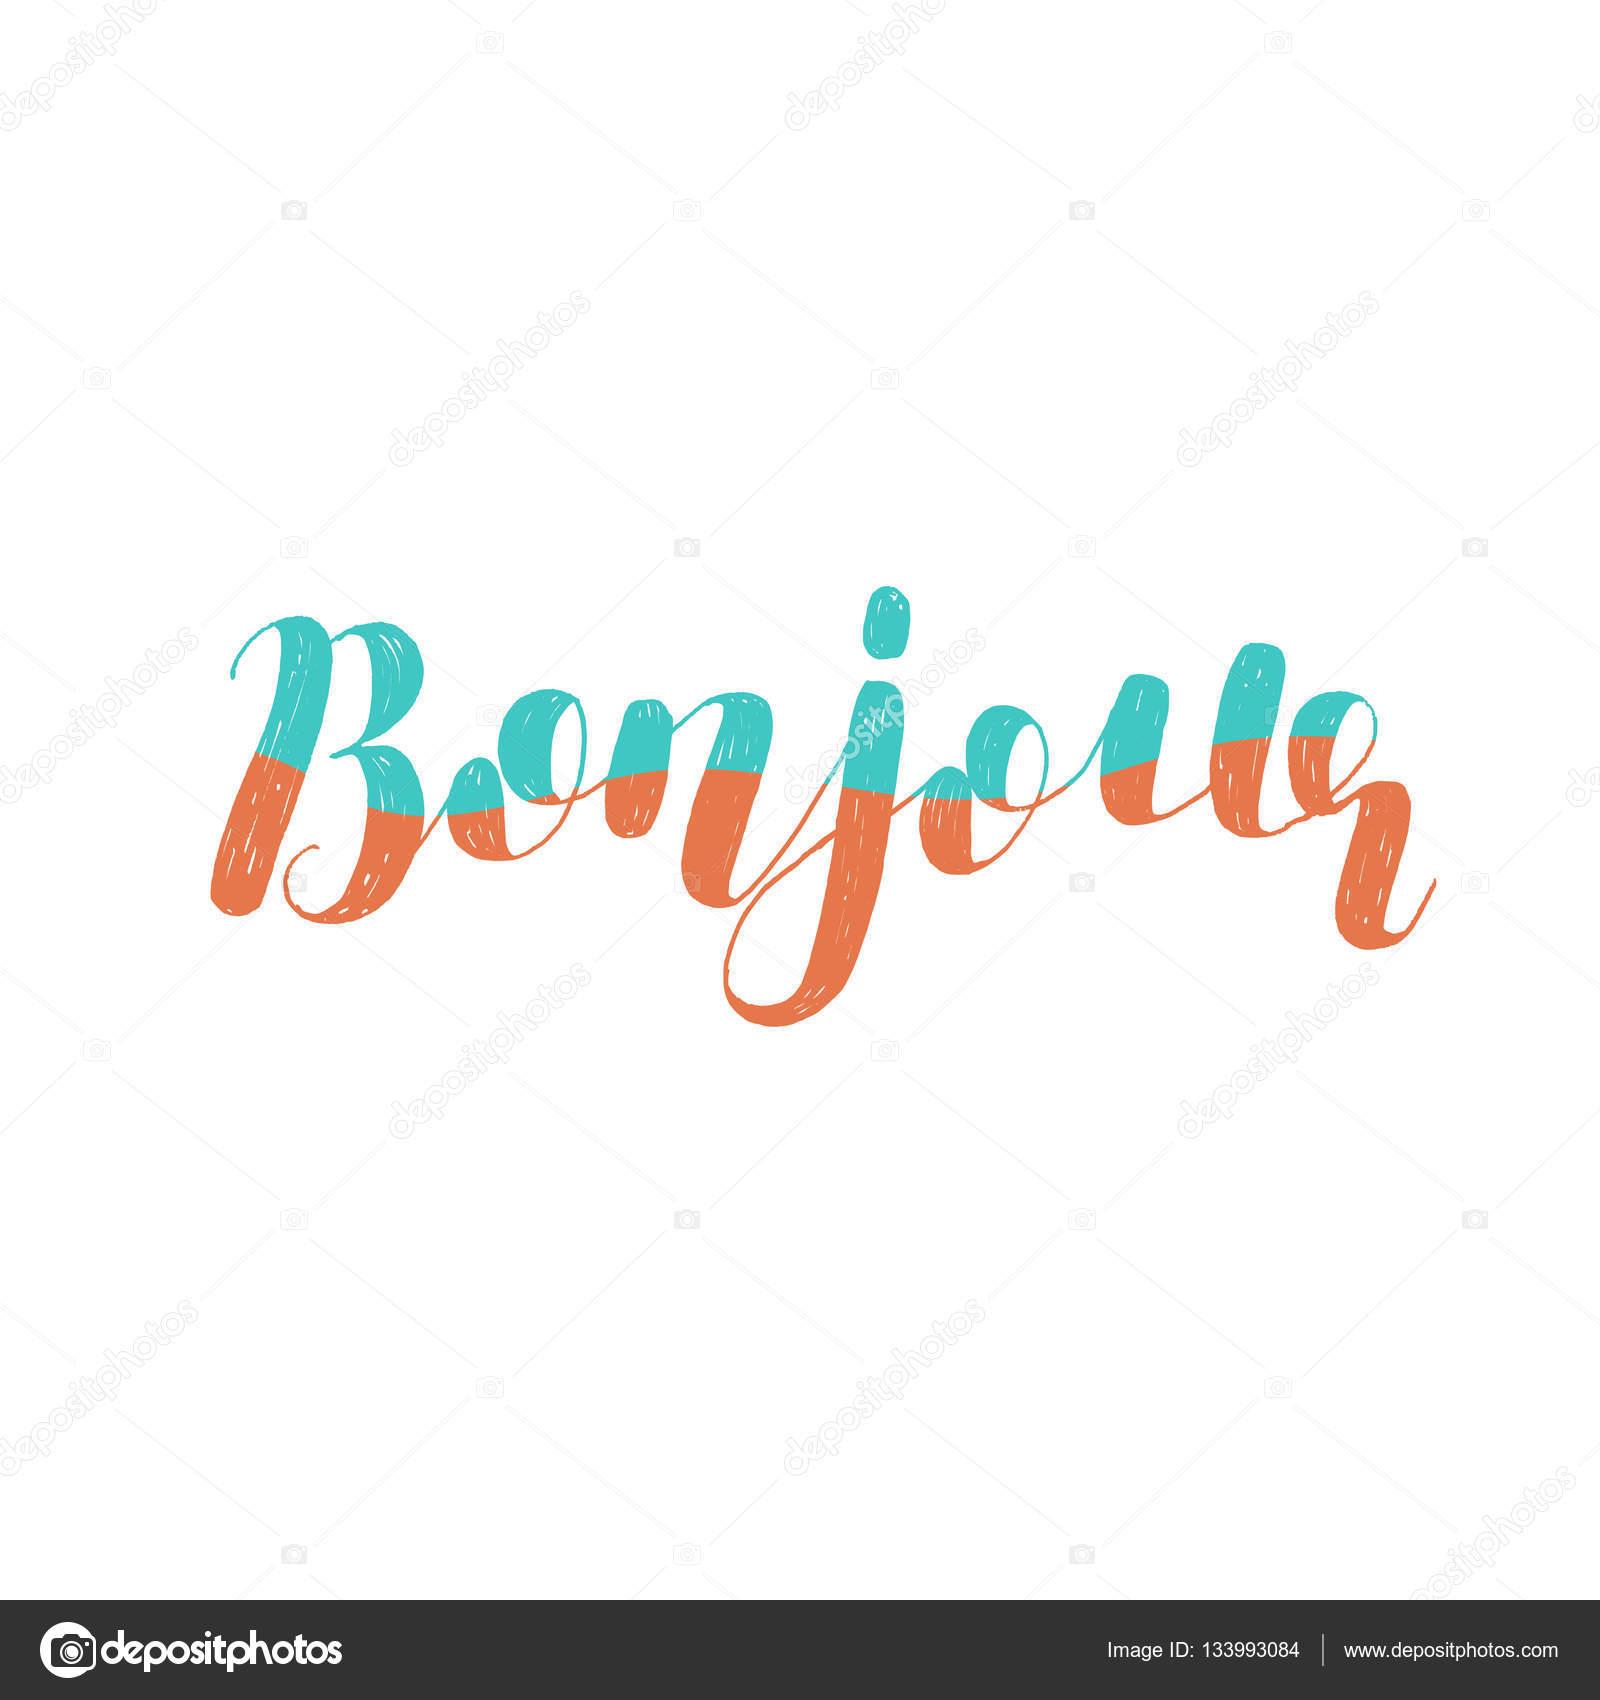 Bonjour кисть надпись векторные иллюстрации векторное